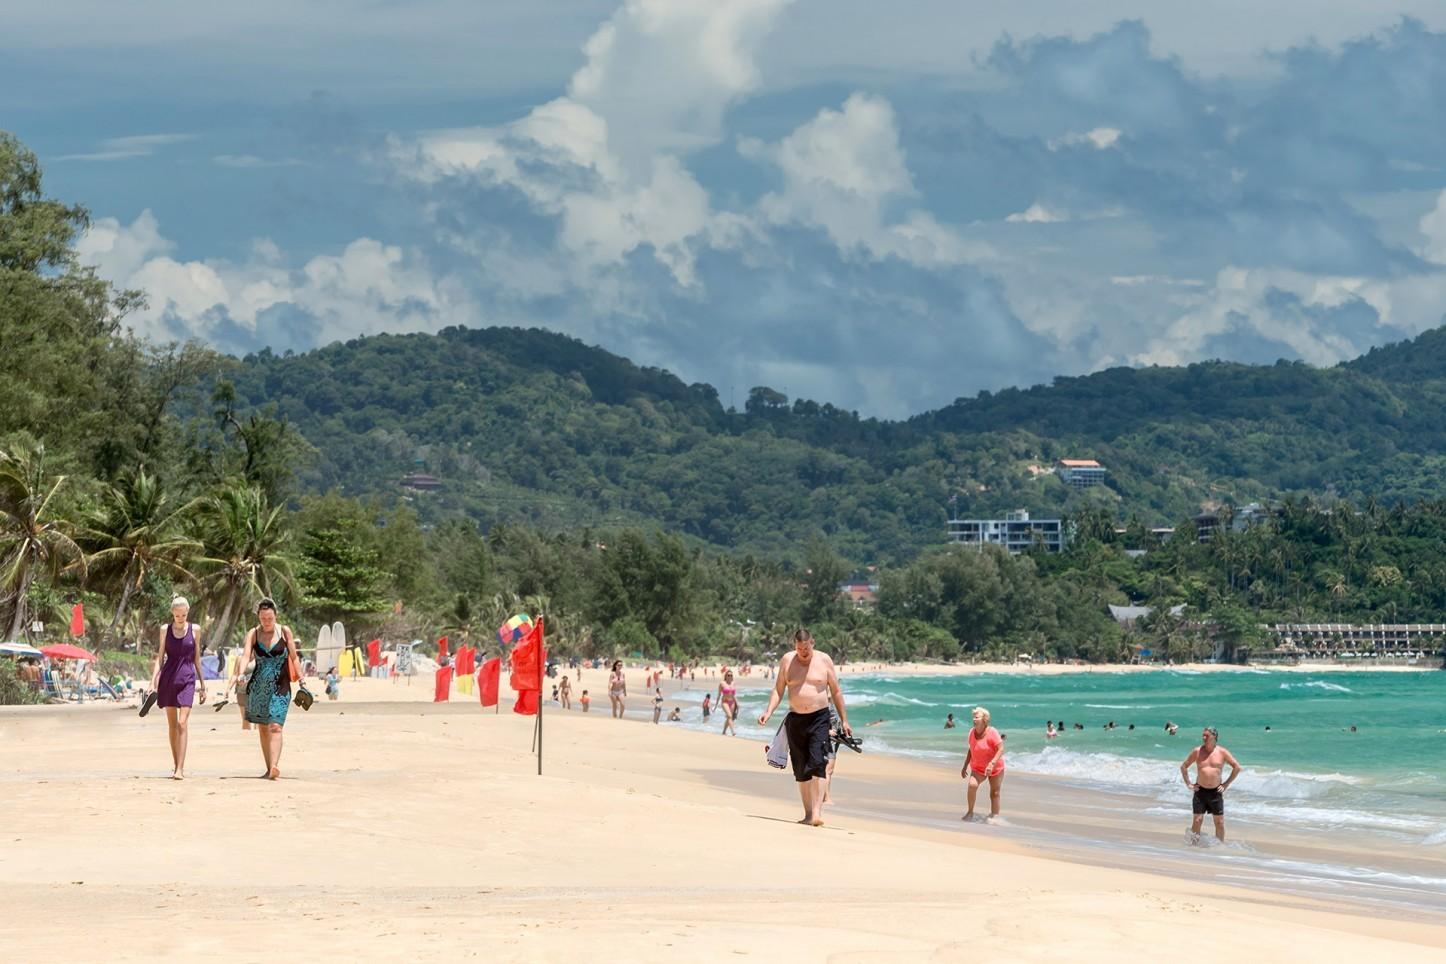 Thailand Karon Beach | Kata Rocks Resort Phuket Thailand